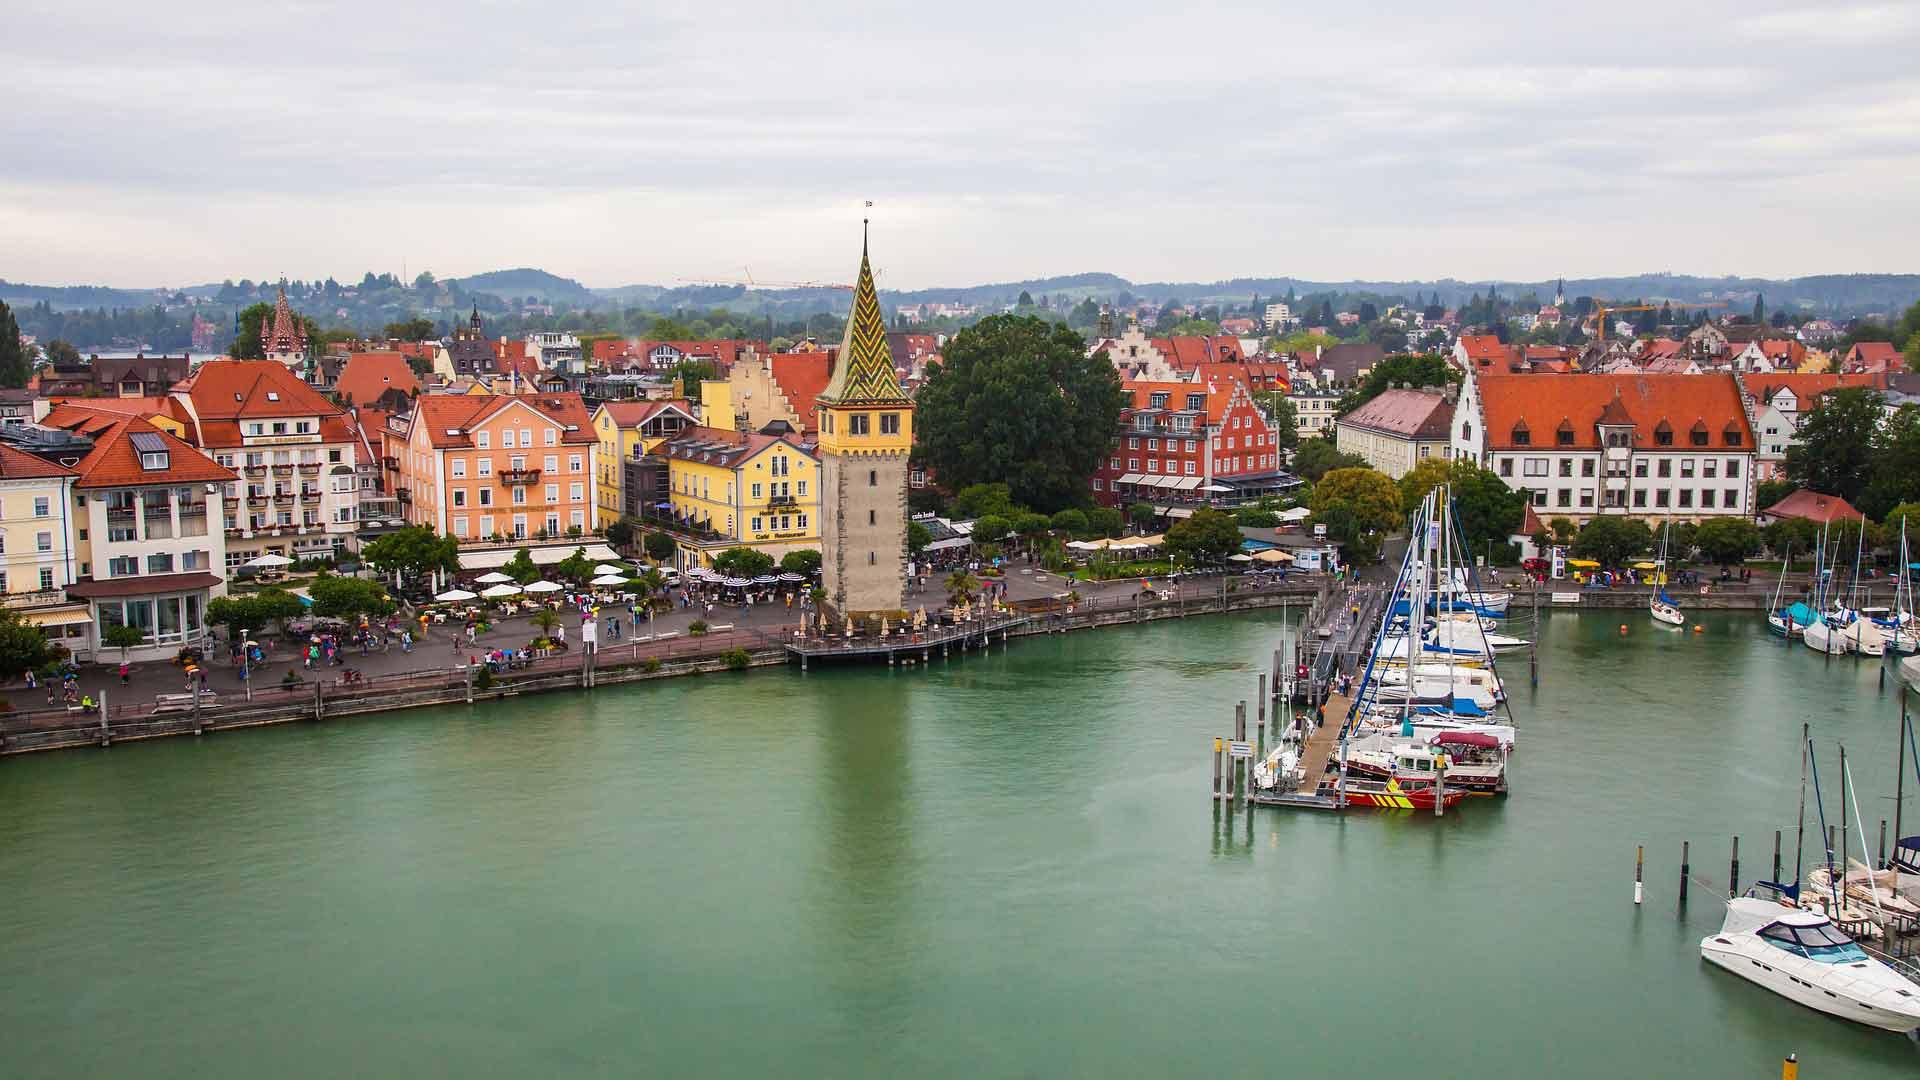 De haven van Lindau aan de Bodensee.